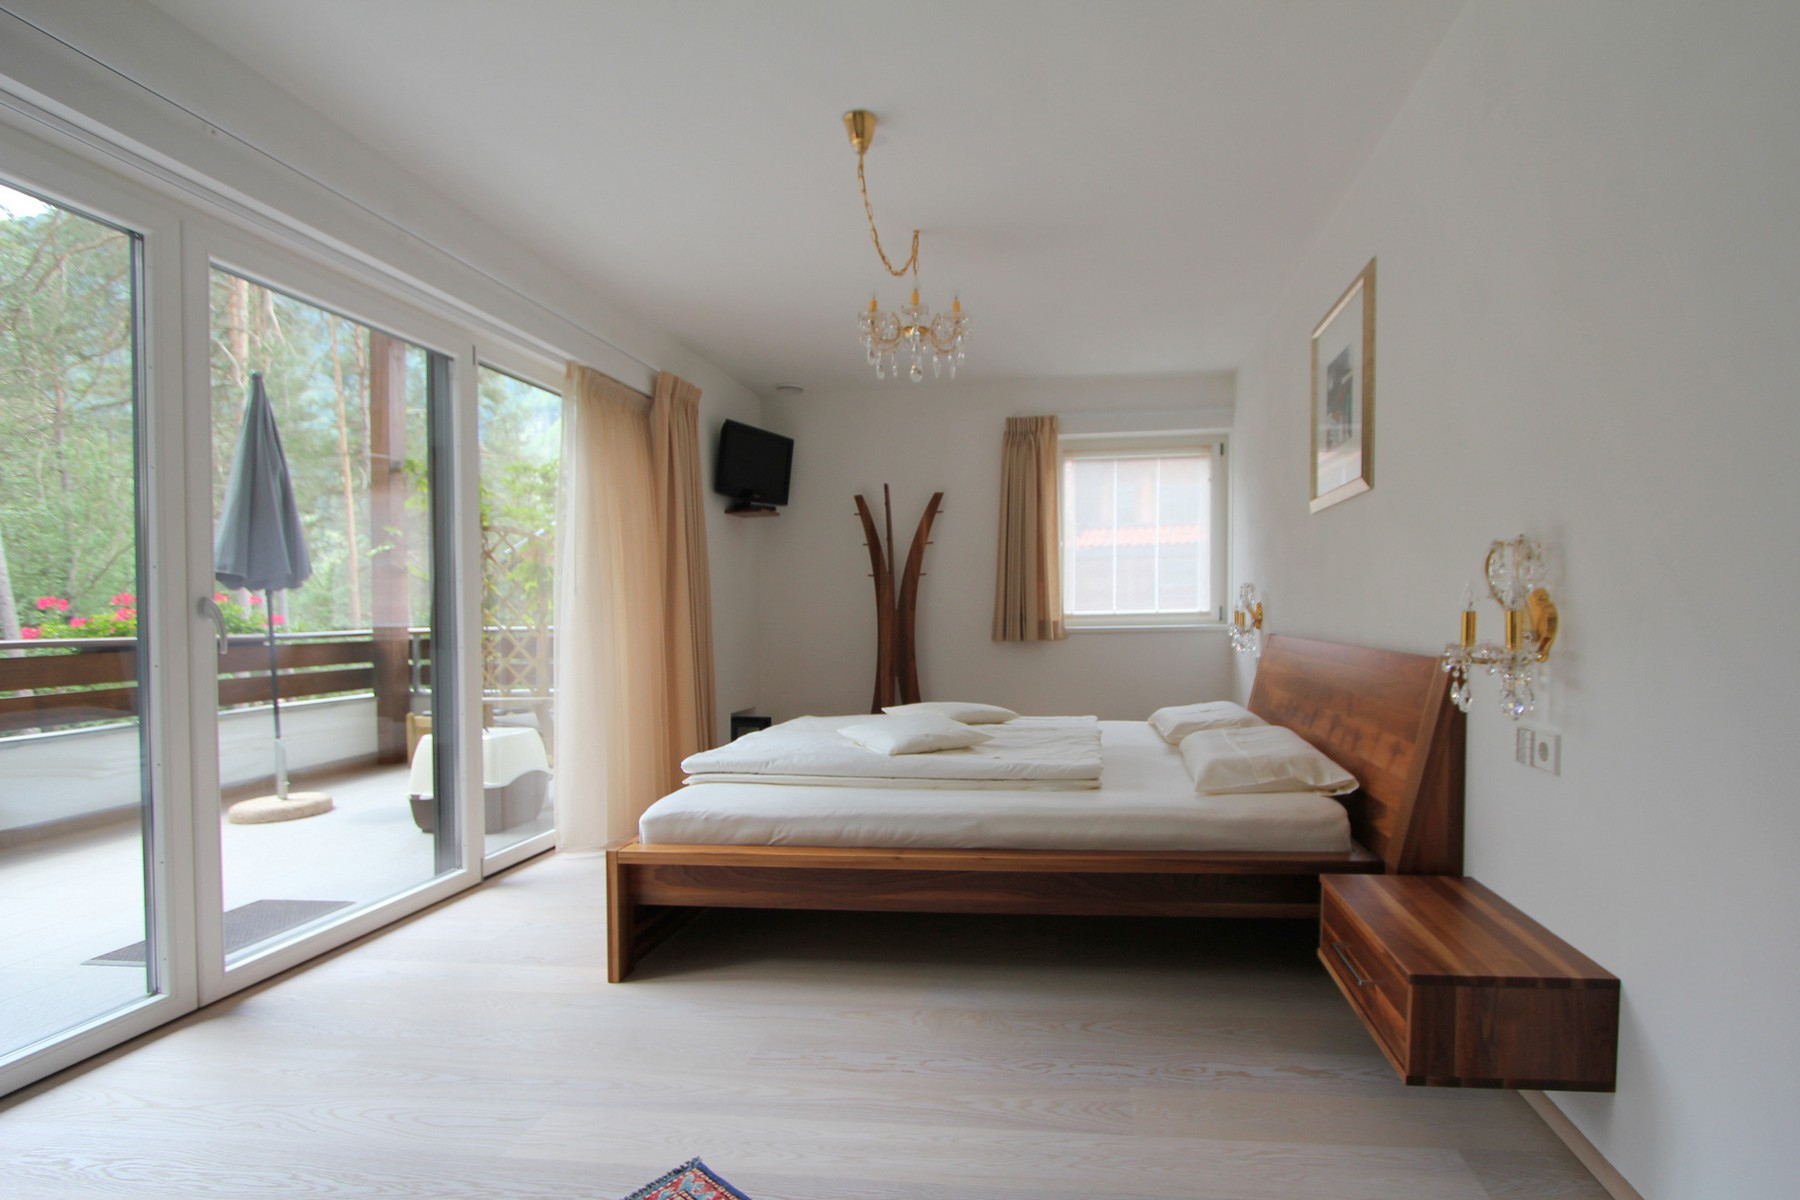 Villa in Vendita a Marebbe: 5 locali, 240 mq - Foto 8